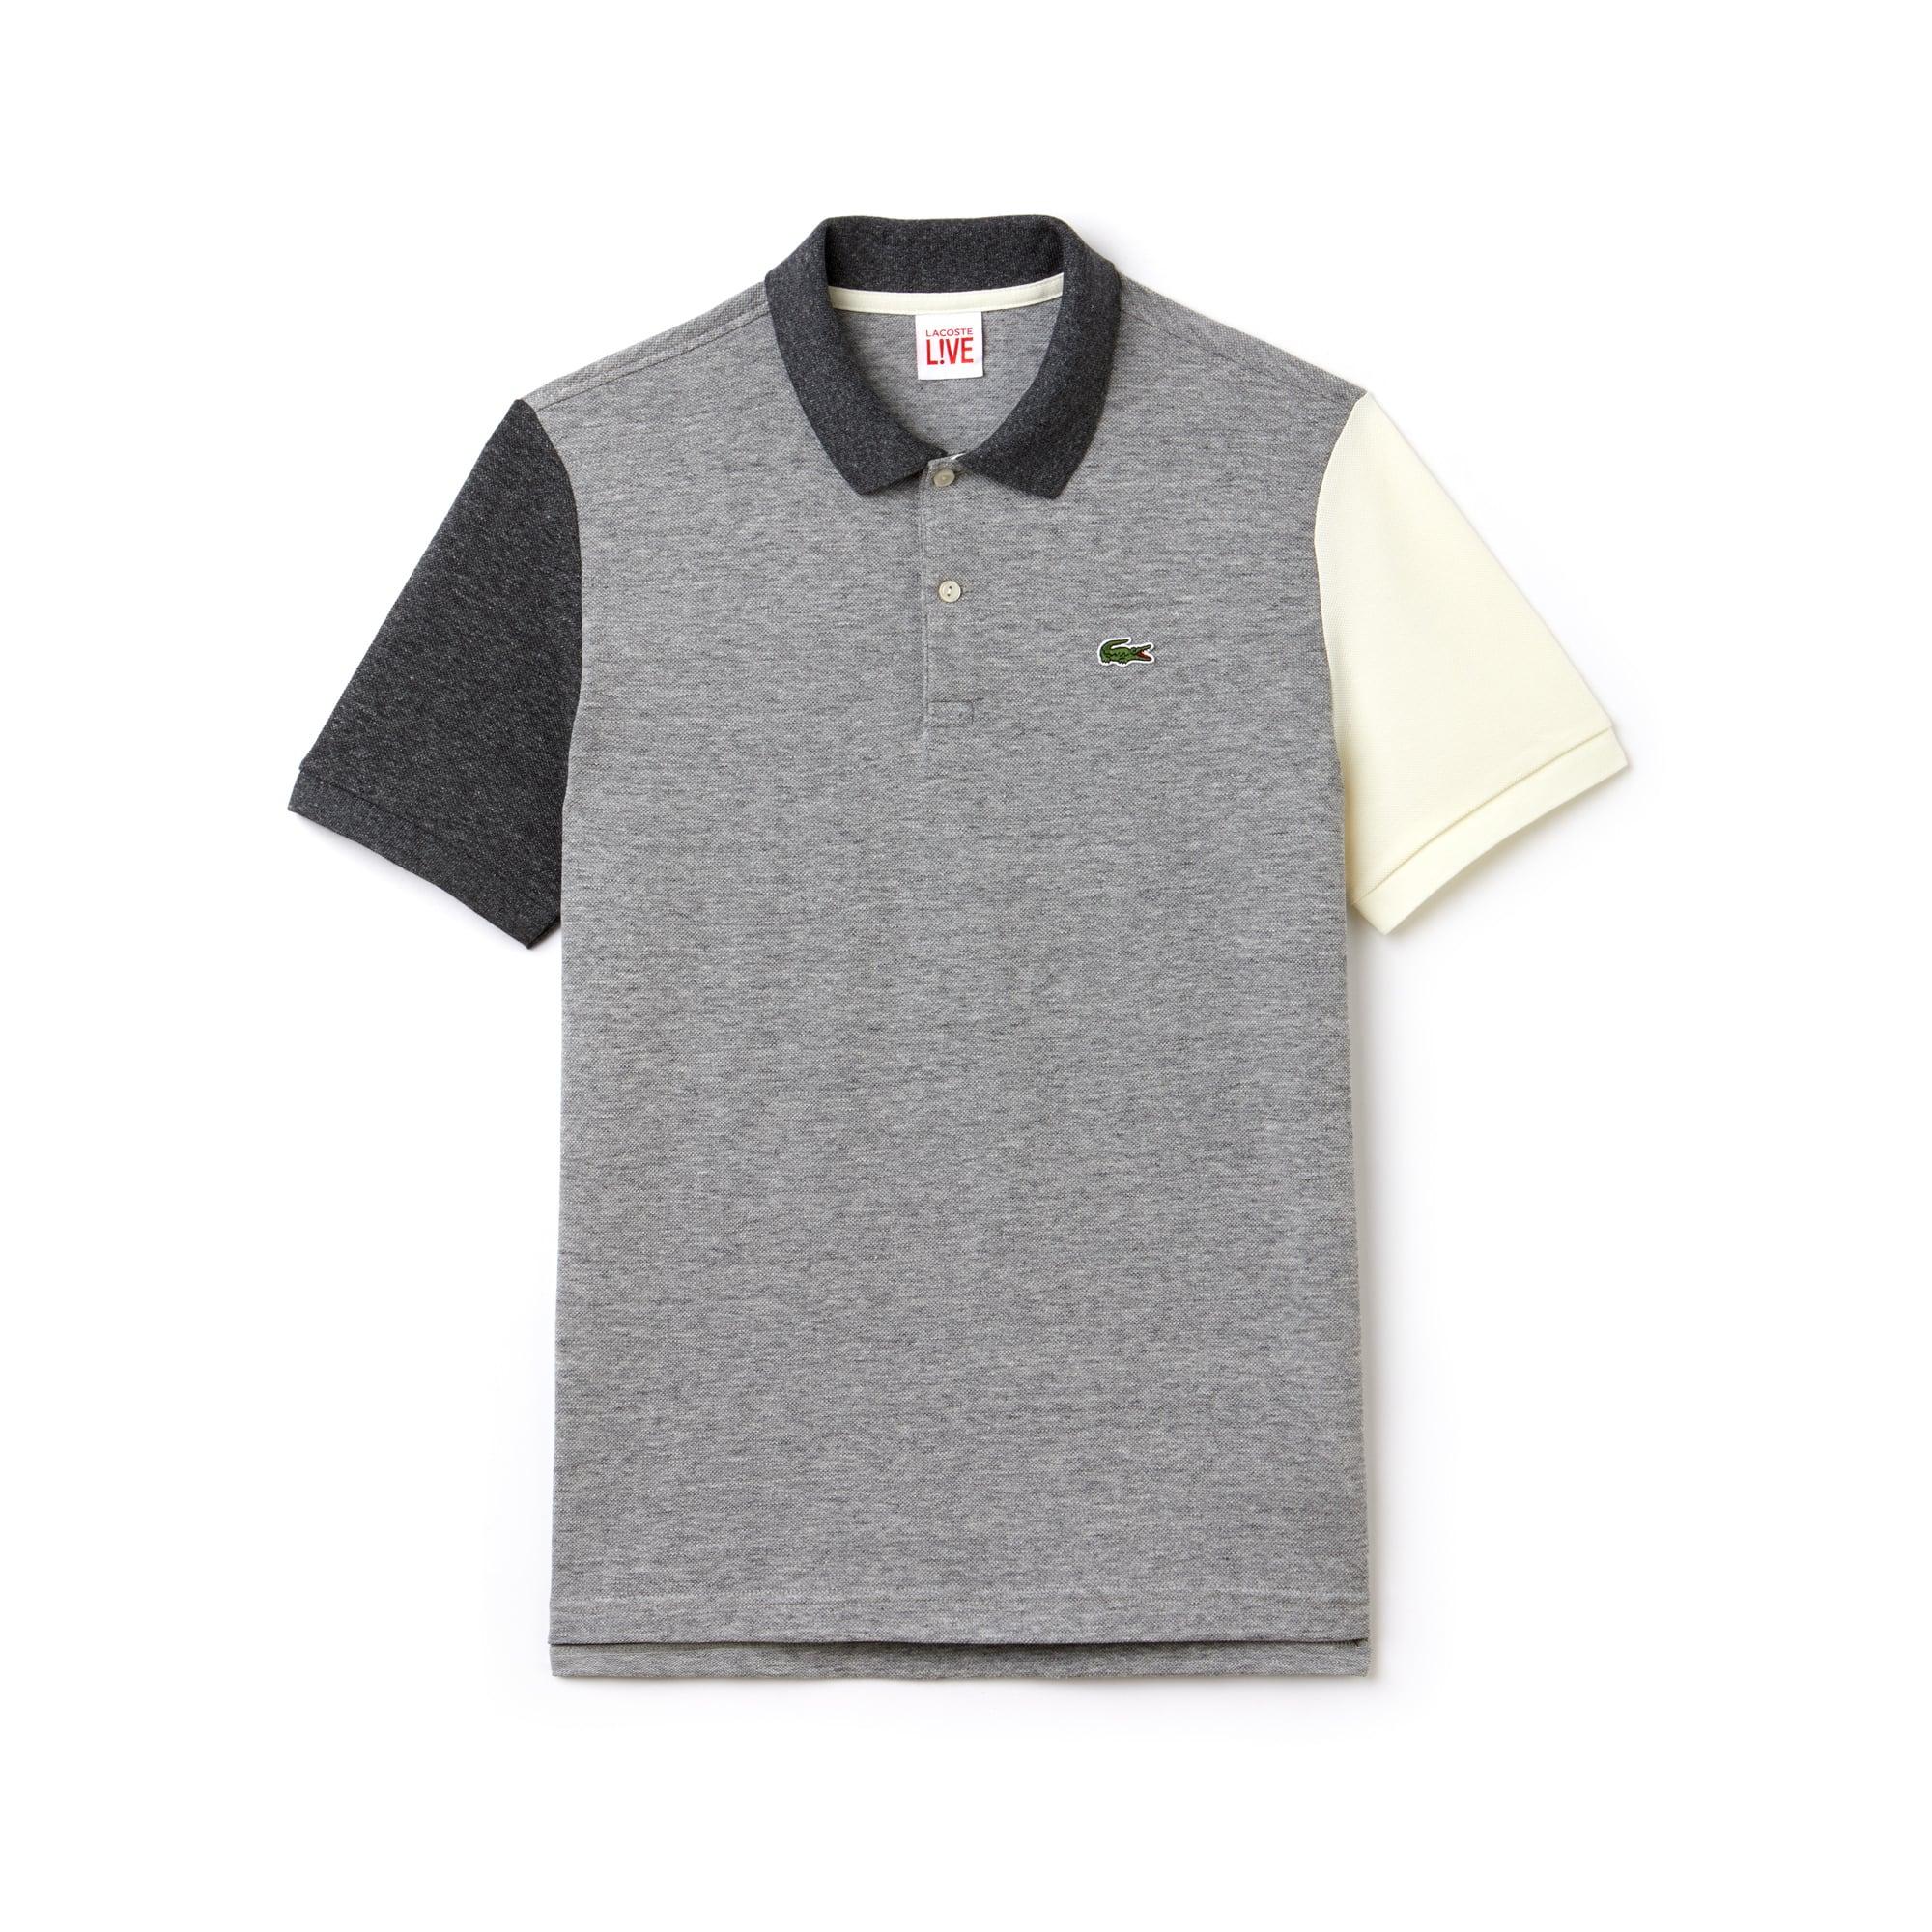 Herren LACOSTE L!VE Slim Fit Colorblock Petit Piqué Poloshirt